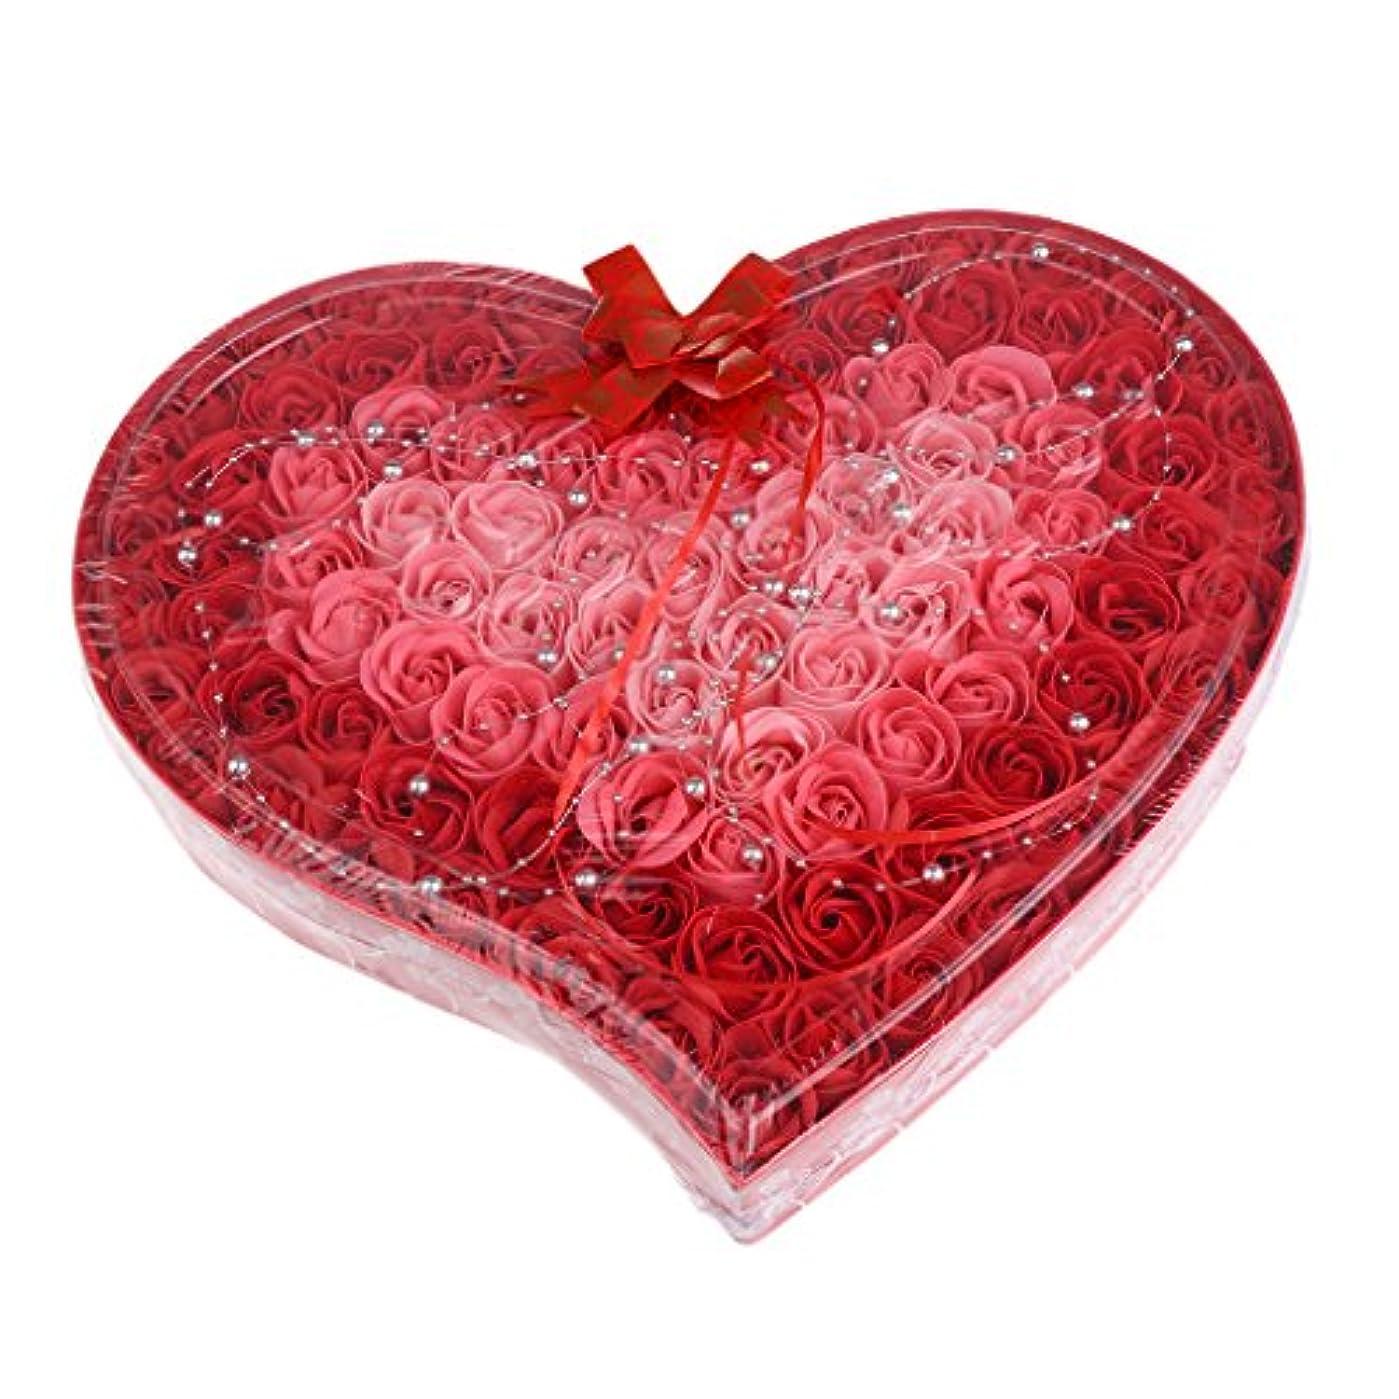 パドル疎外する裏切り者Baosity 約100個 ソープフラワー 石鹸の花 母の日 心の形 ギフトボックス バレンタインデー ホワイトデー 母の日 結婚記念日 プレゼント 4色選択可 - 赤